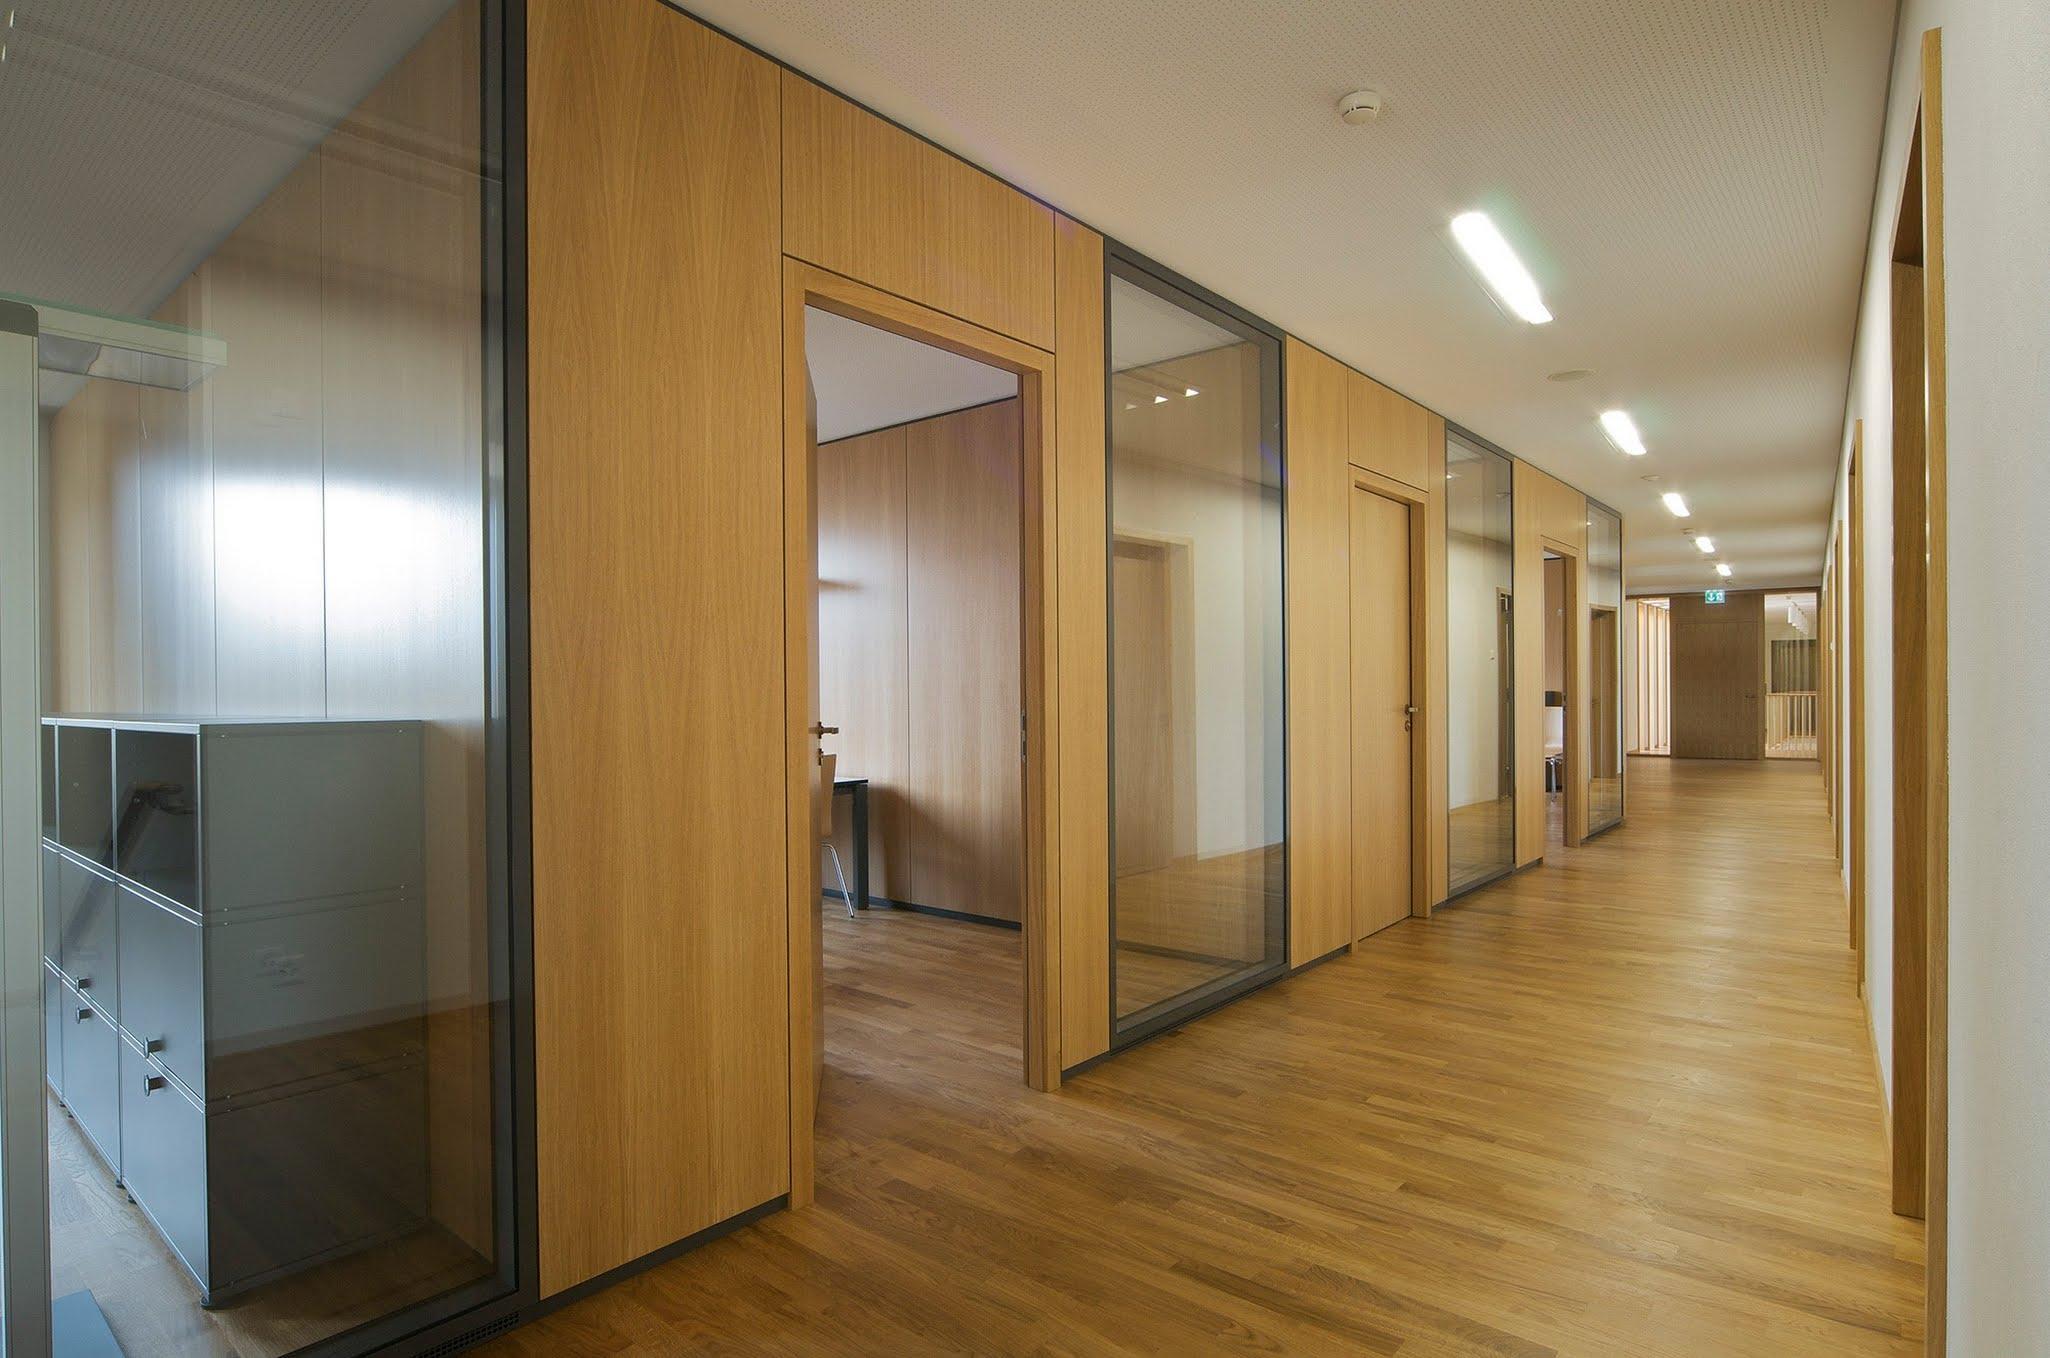 NovaFlex - Bürotrennwand,Archiv-und Verwaltungsgebäude,Deckensystem-Wandsysteme,Trennwände Büro,Ganzglaswände,Bürotrennwand,Akustikdecken,Schallschutzdecken,Trennwände,Glaswände,Faltwände,Raumgestaltung,Trennwand Systeme